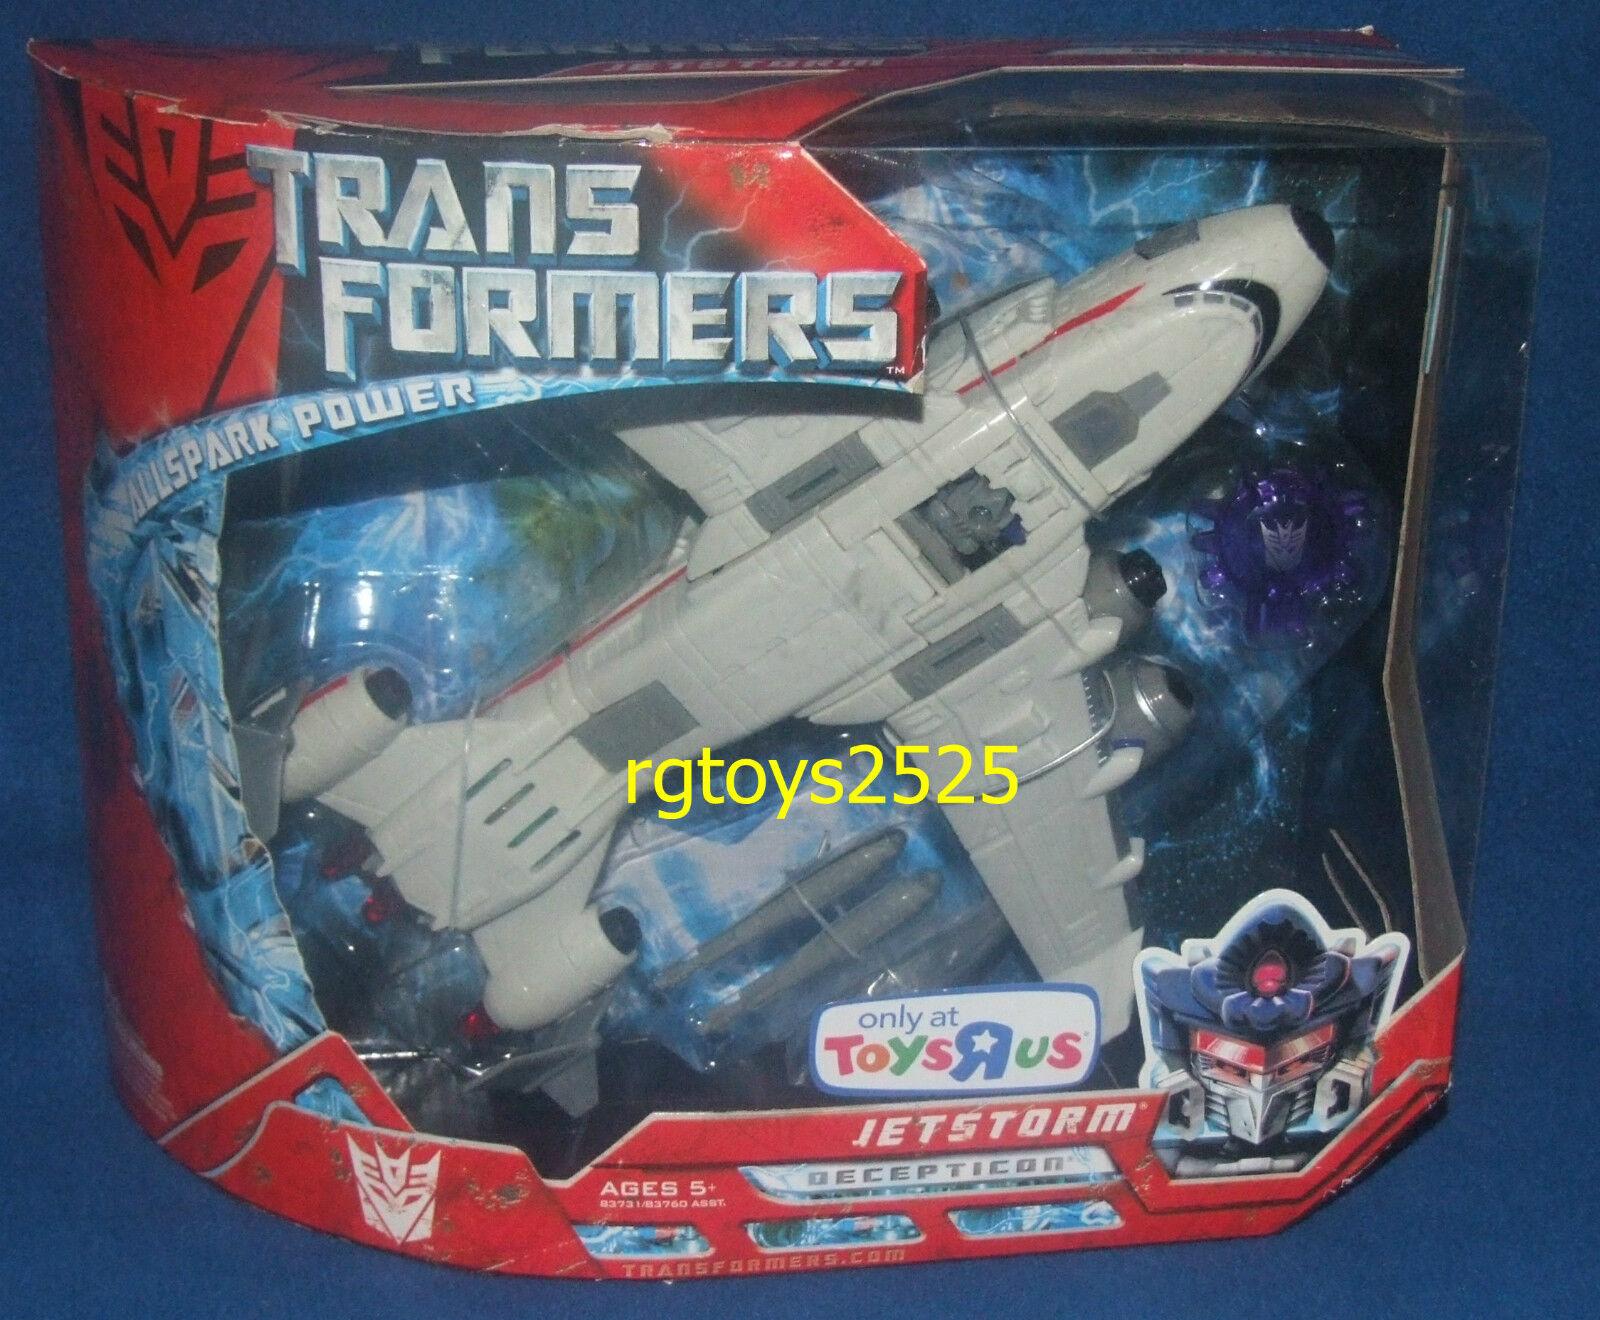 gran descuento Transformers Transformers Transformers jetstormJuguetes R exclusivo Película Nuevo Sellado De Fábrica Us 2007  de moda